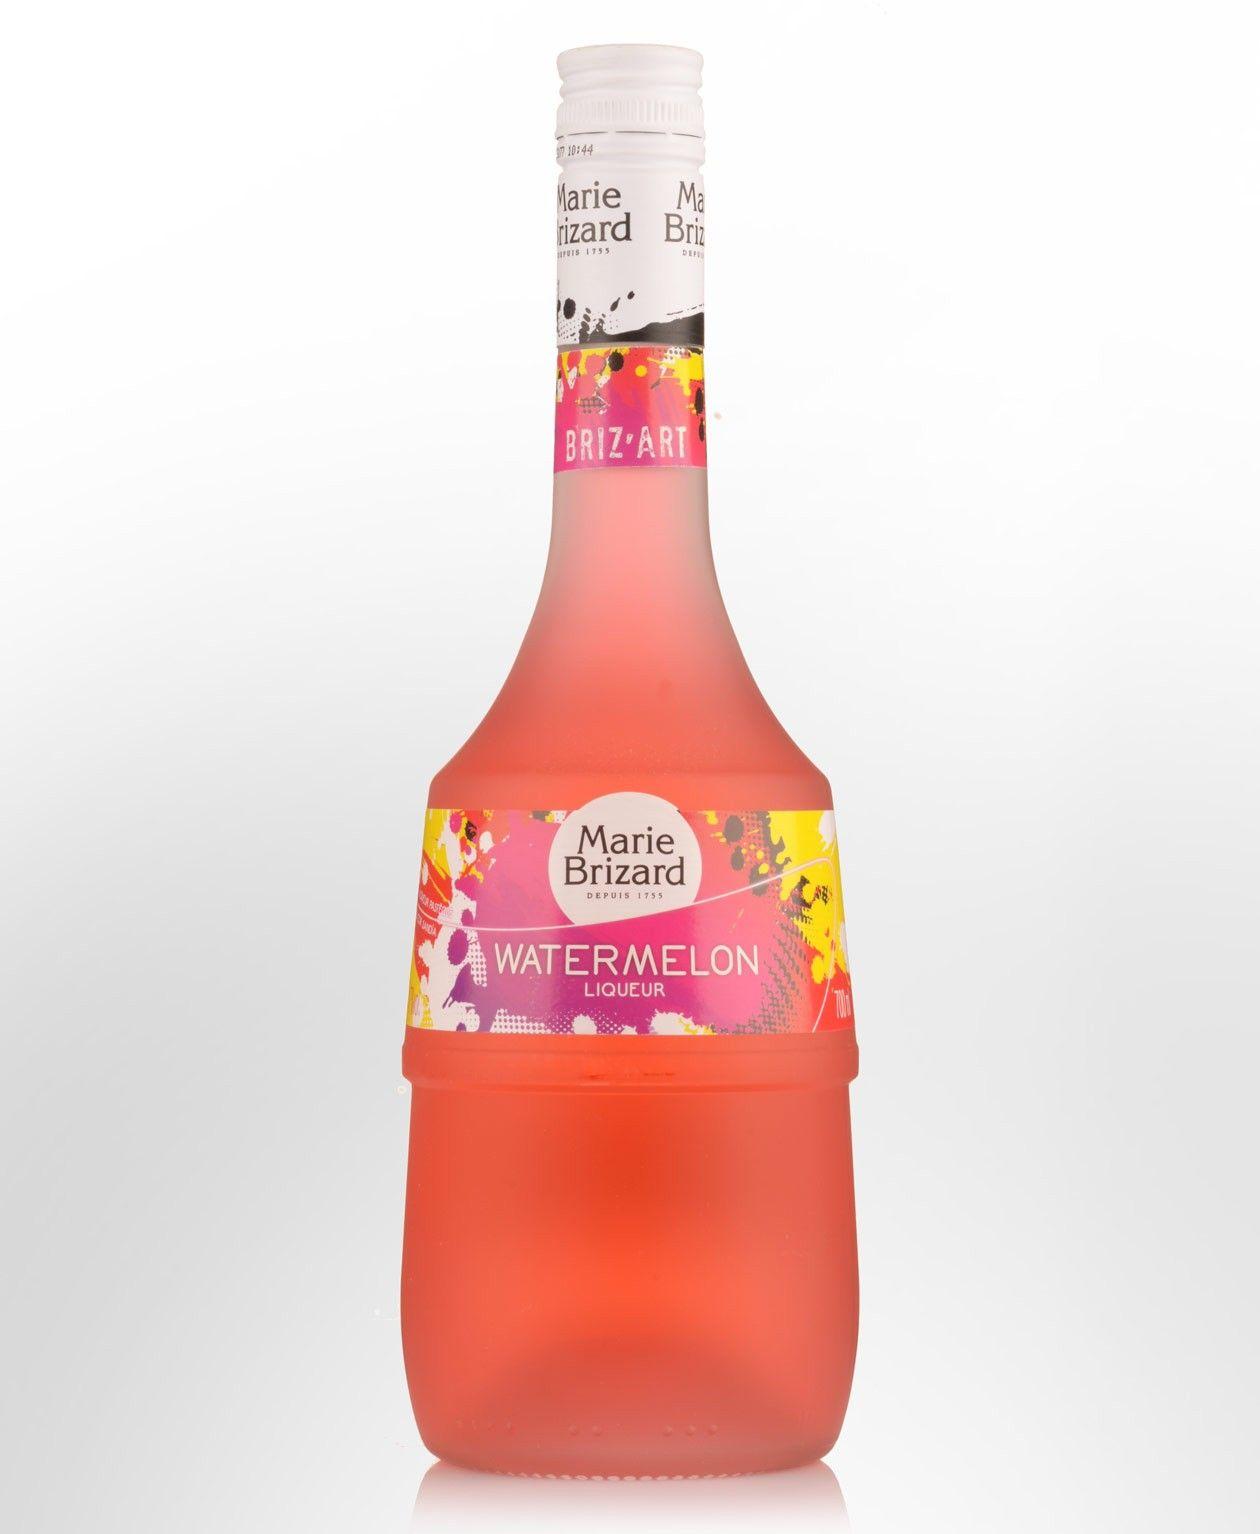 Marie Brizard Watermelon Liqueur 700ml Liqueur Watermelon Soy Sauce Bottle